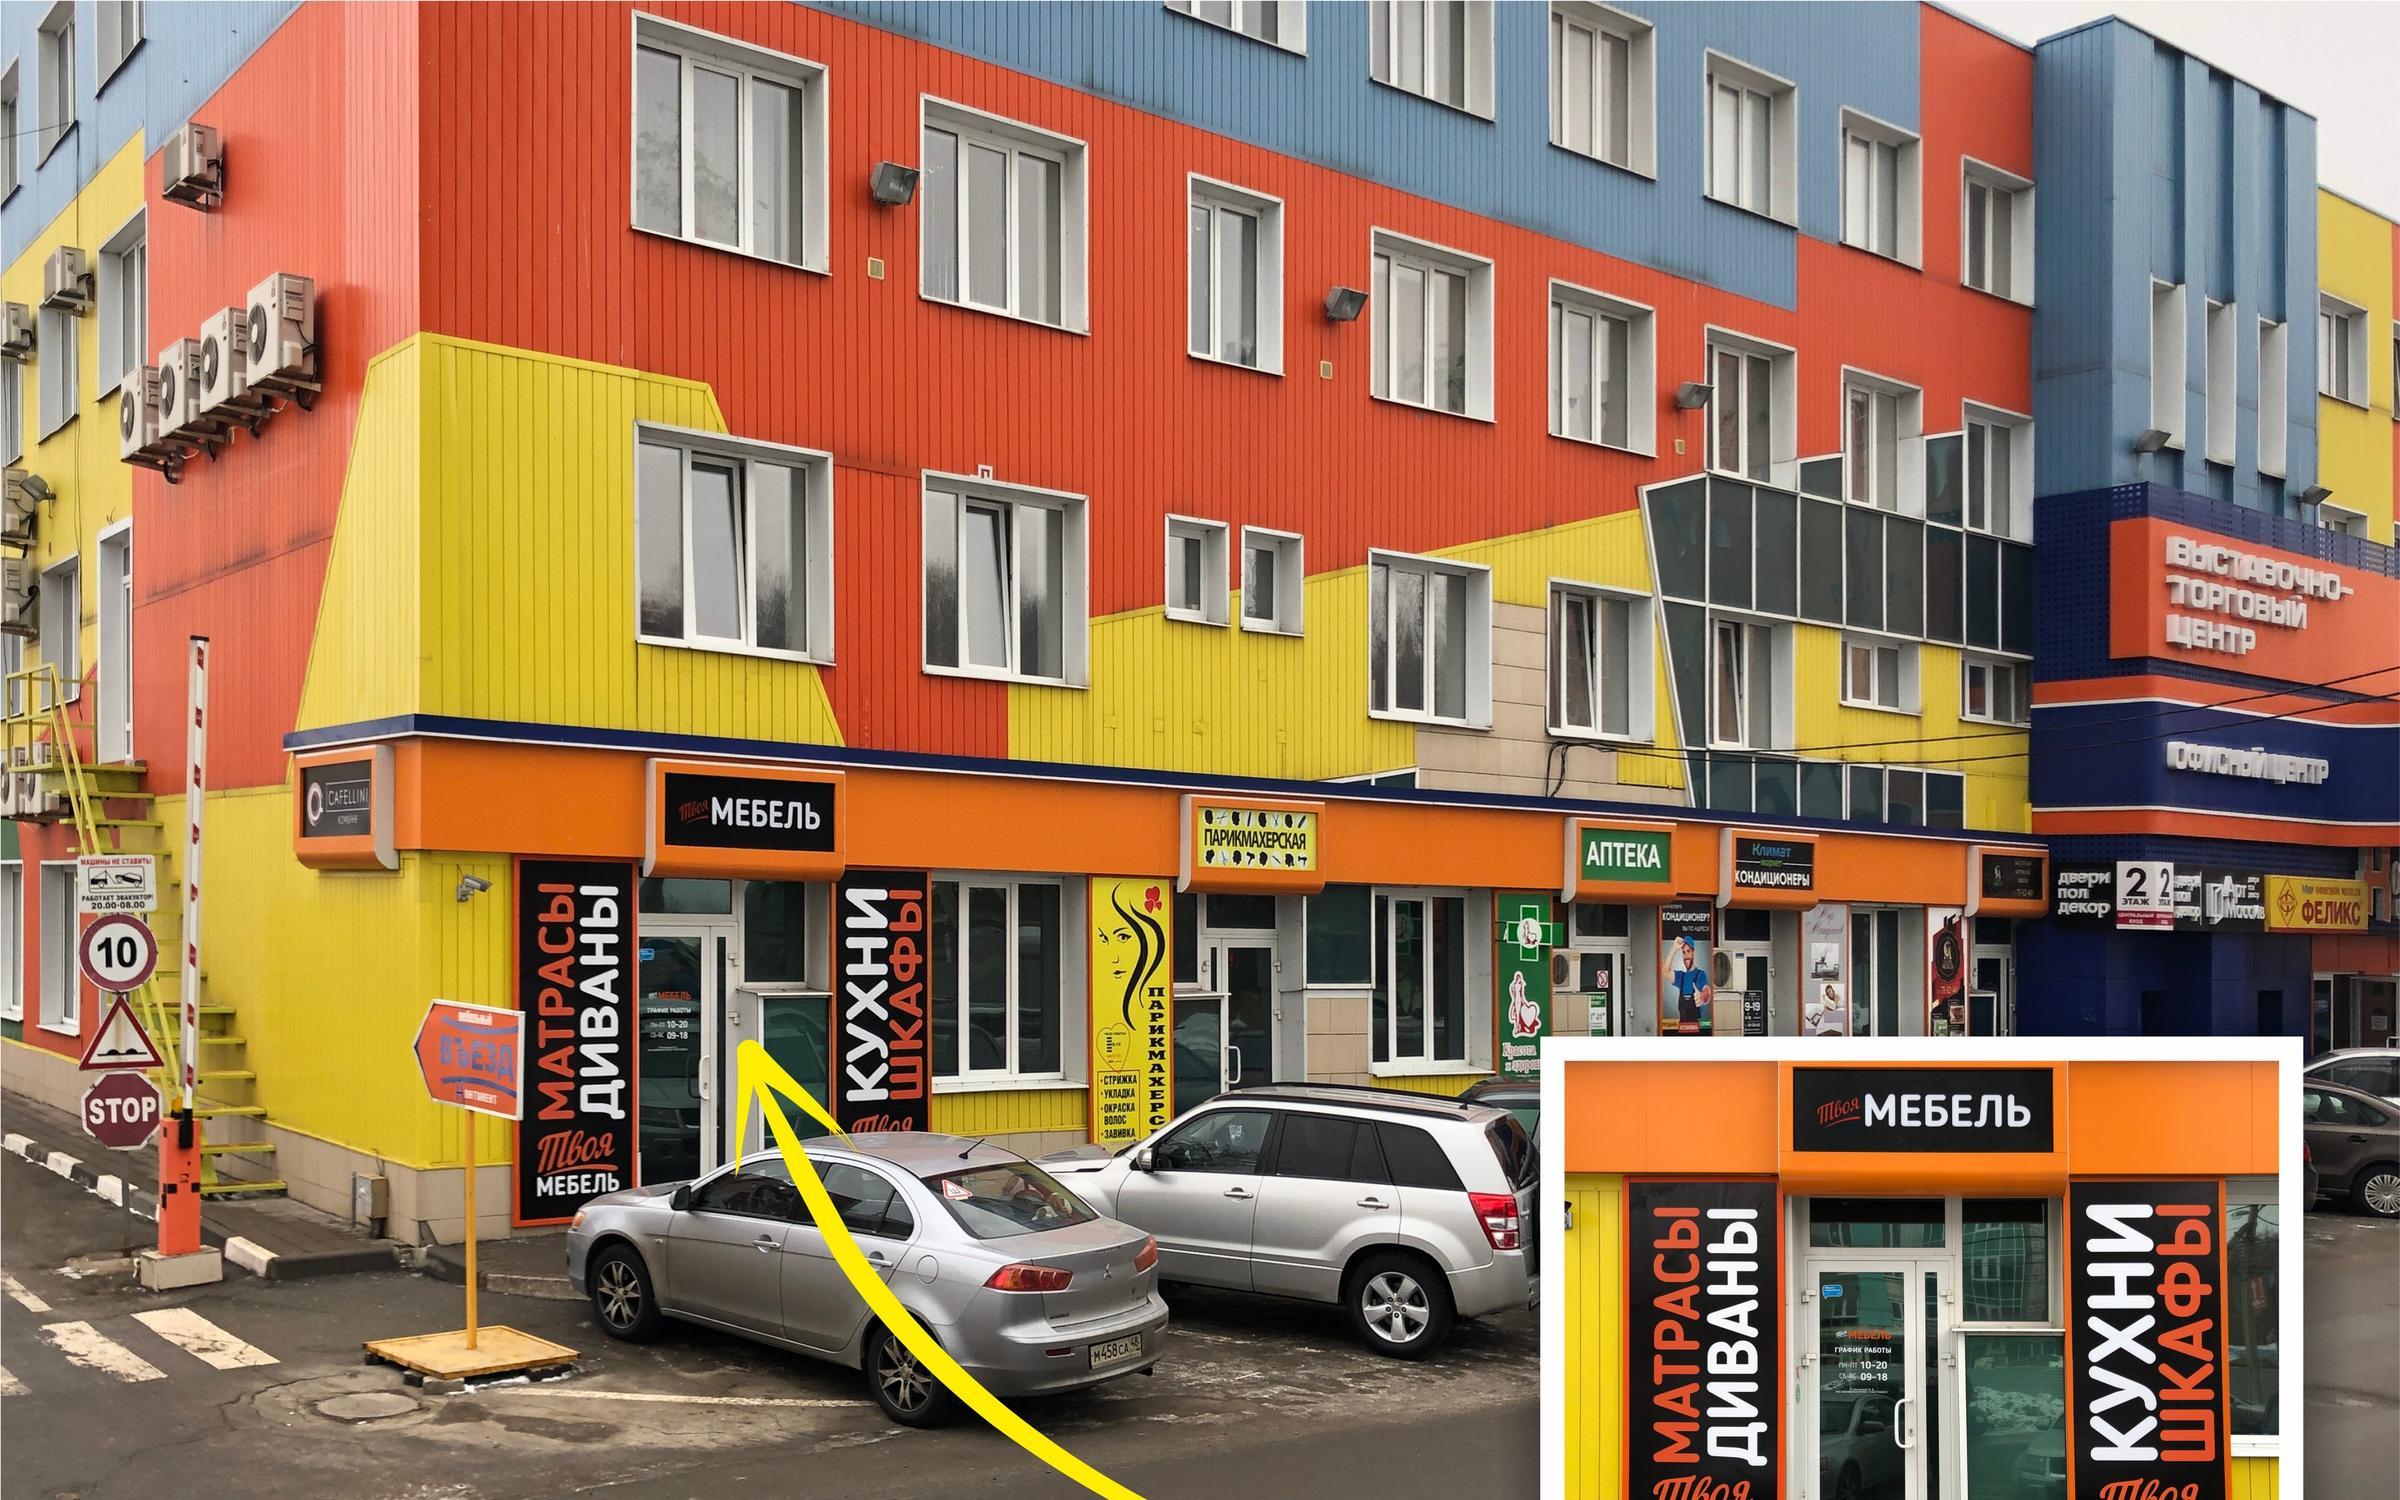 фотография Магазина мебели и матрасов Твоя МЕБЕЛЬ на улице Балмочных, 11